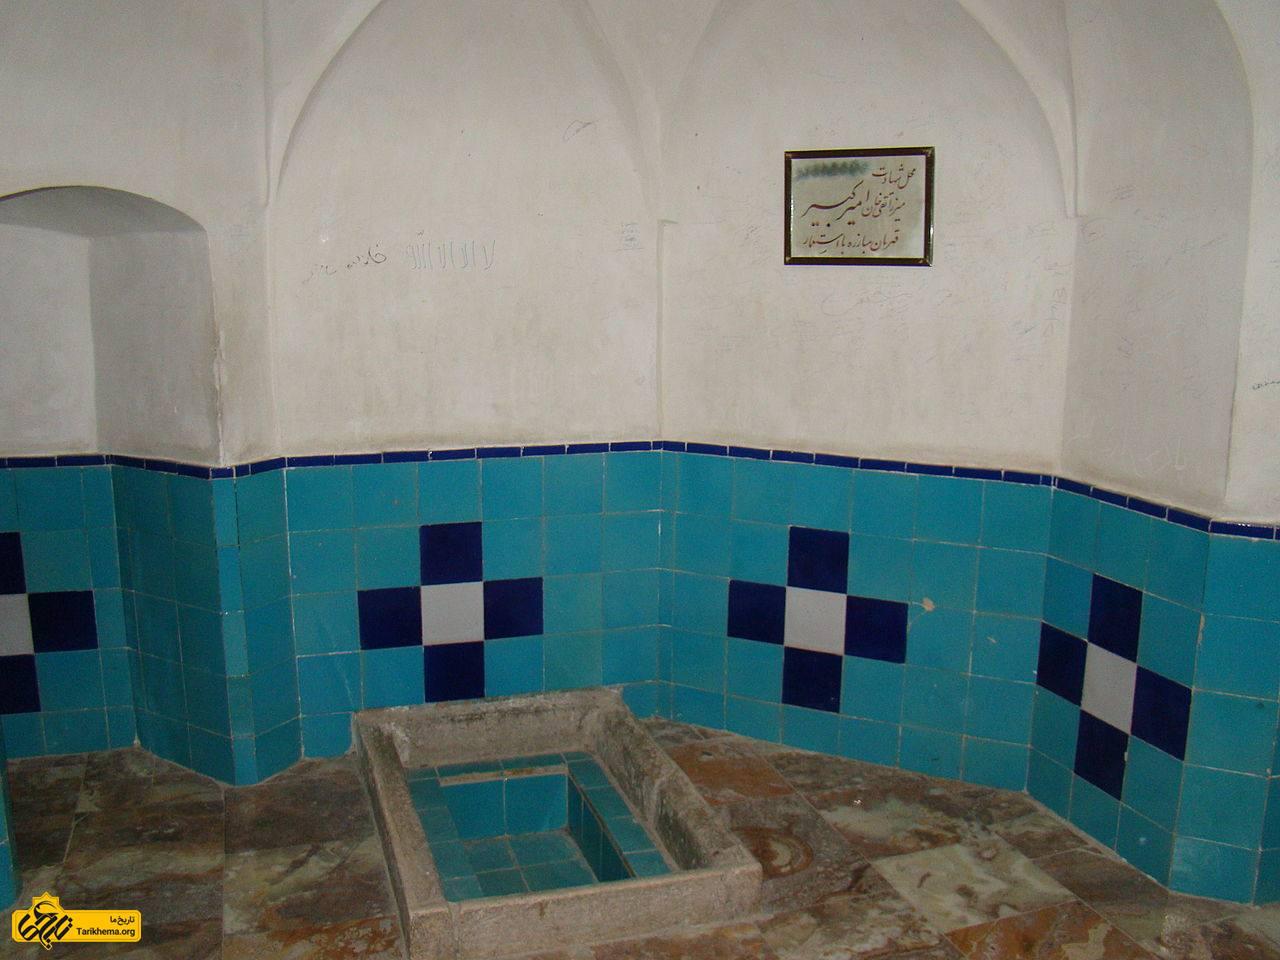 مقتل امیرکبیر در حمام فین کاشان